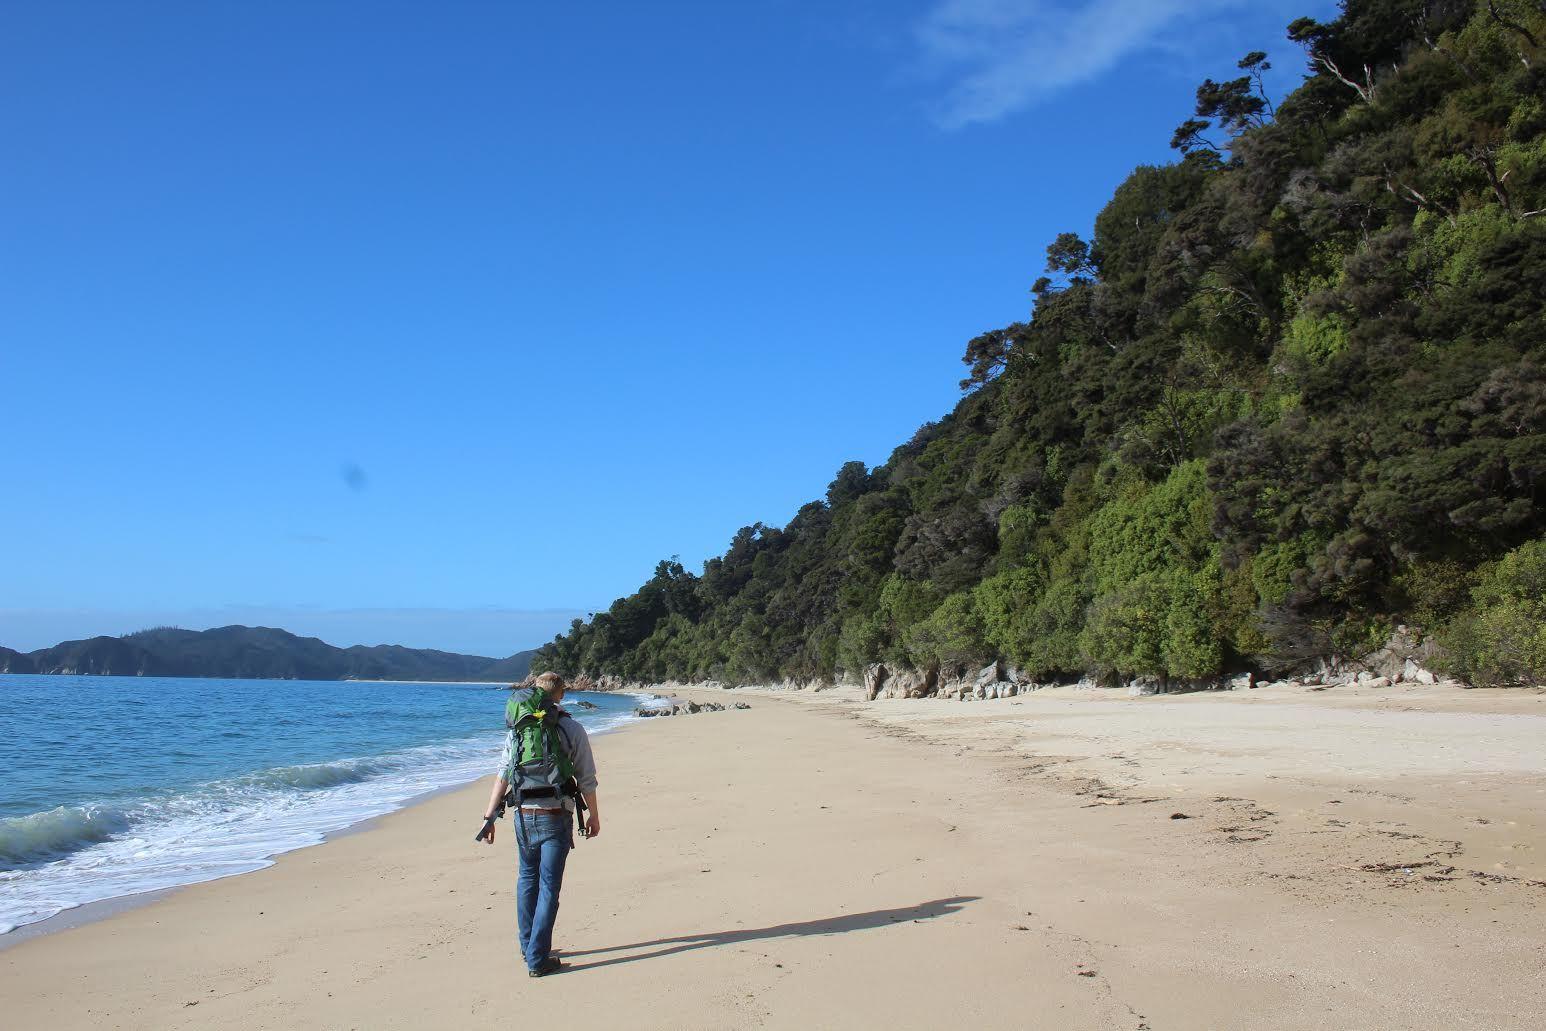 Kollege Johannes auf Entdeckungstour durch den Abel Tasman Nationalpark. #Neuseeland #Reiseentdecker #beach